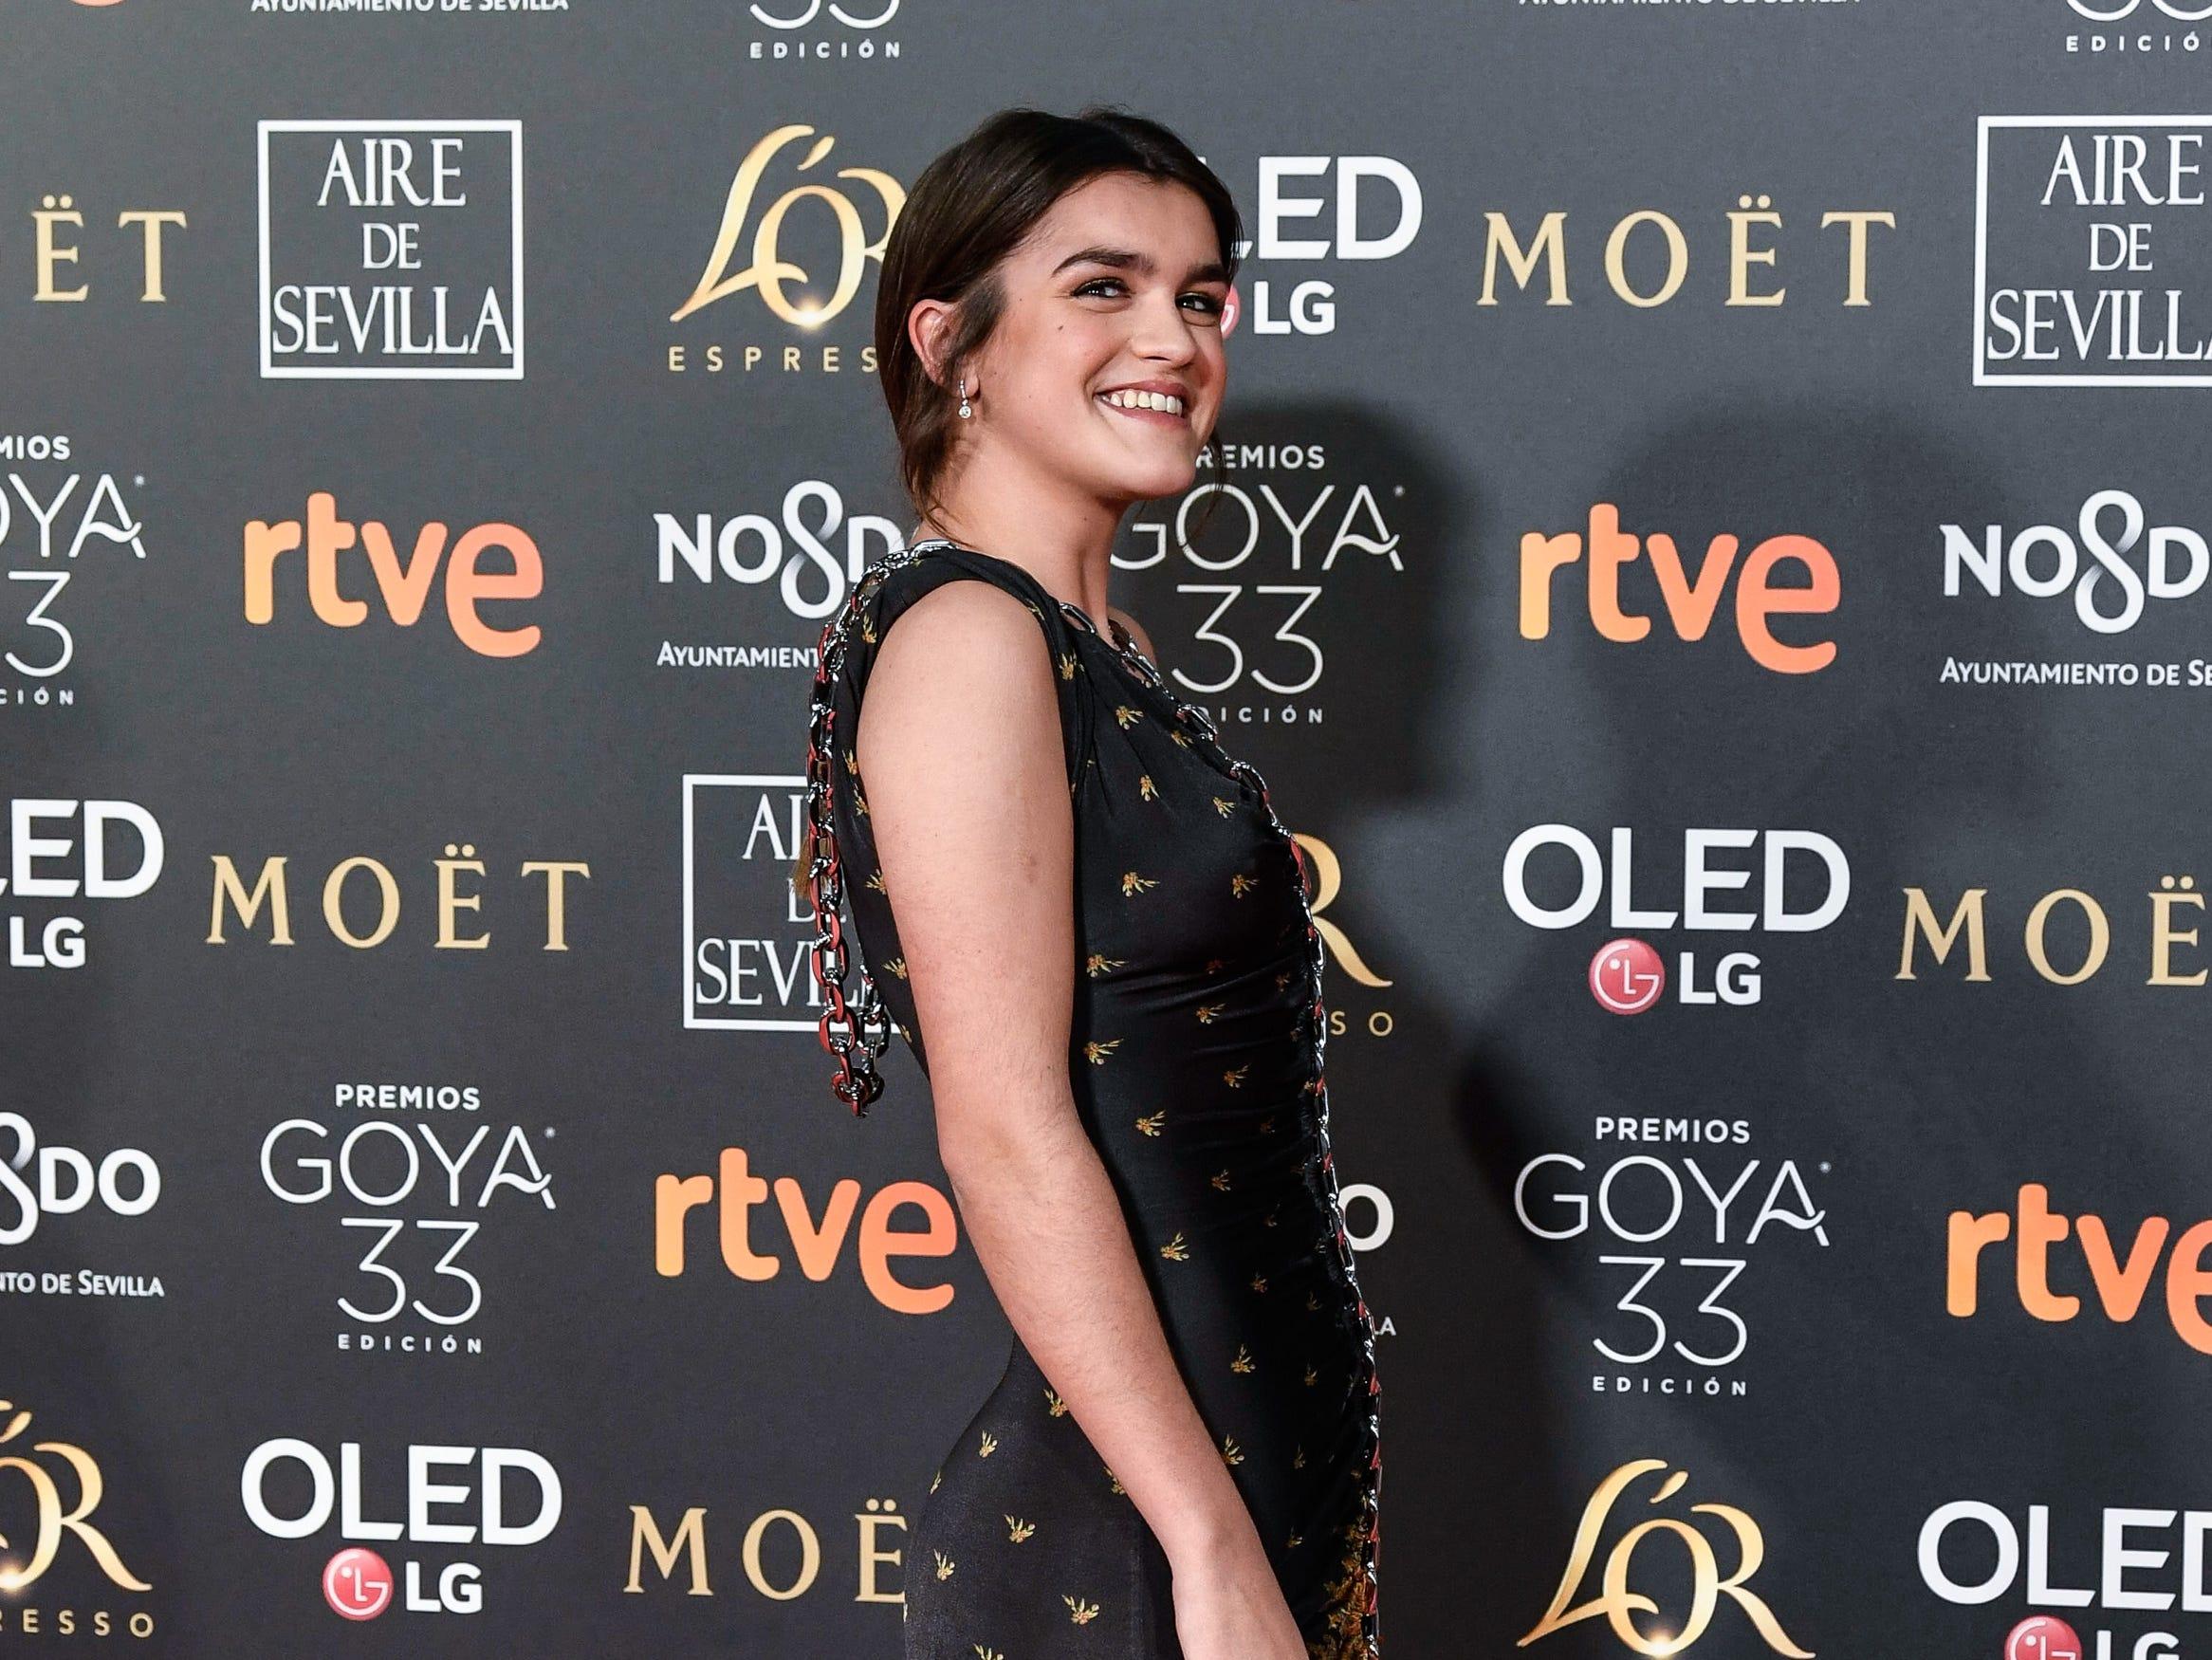 Amaia Romero asiste a la 33ª edición de los Premios de Cine Goya en el Palacio de Congresos y Exposiciones FIBES el 2 de febrero de 2019 en Sevilla, España.